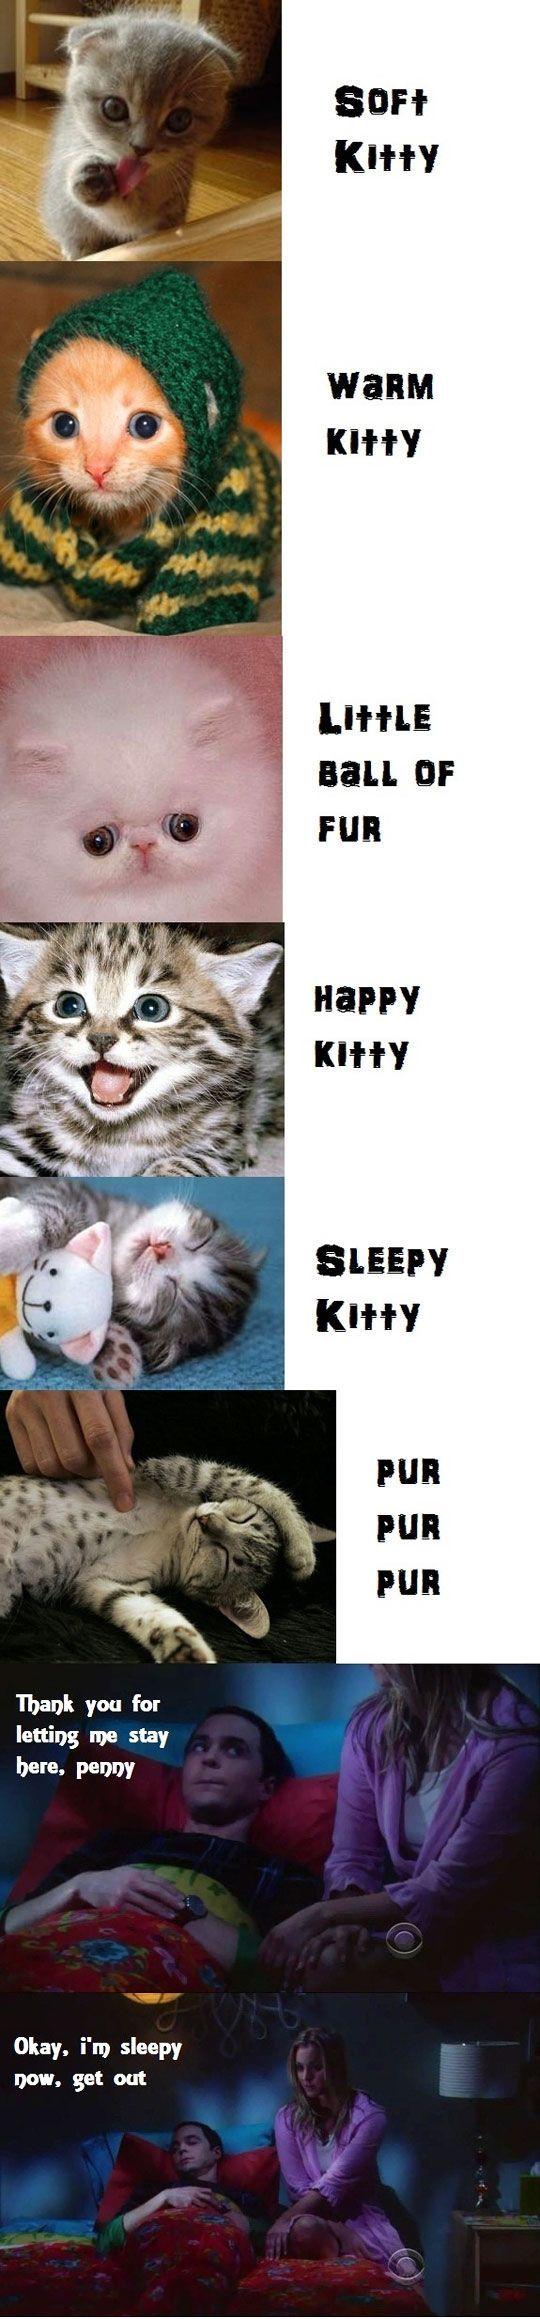 Soft kitty, warm kitty...